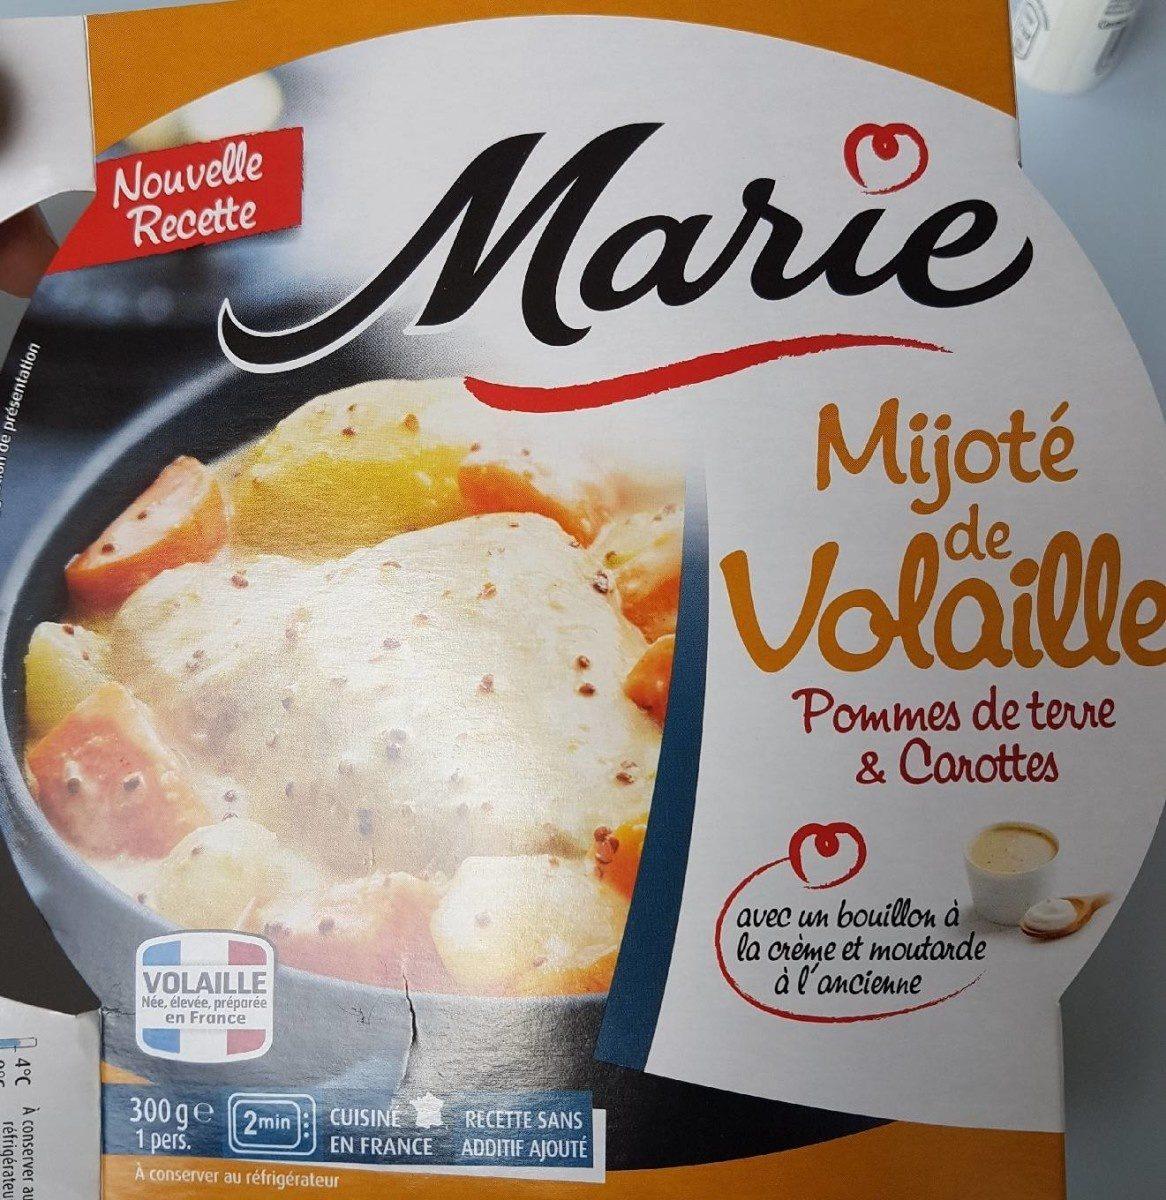 Mijoté de Volaille, Pommes de Terre & Carottes - Produit - fr